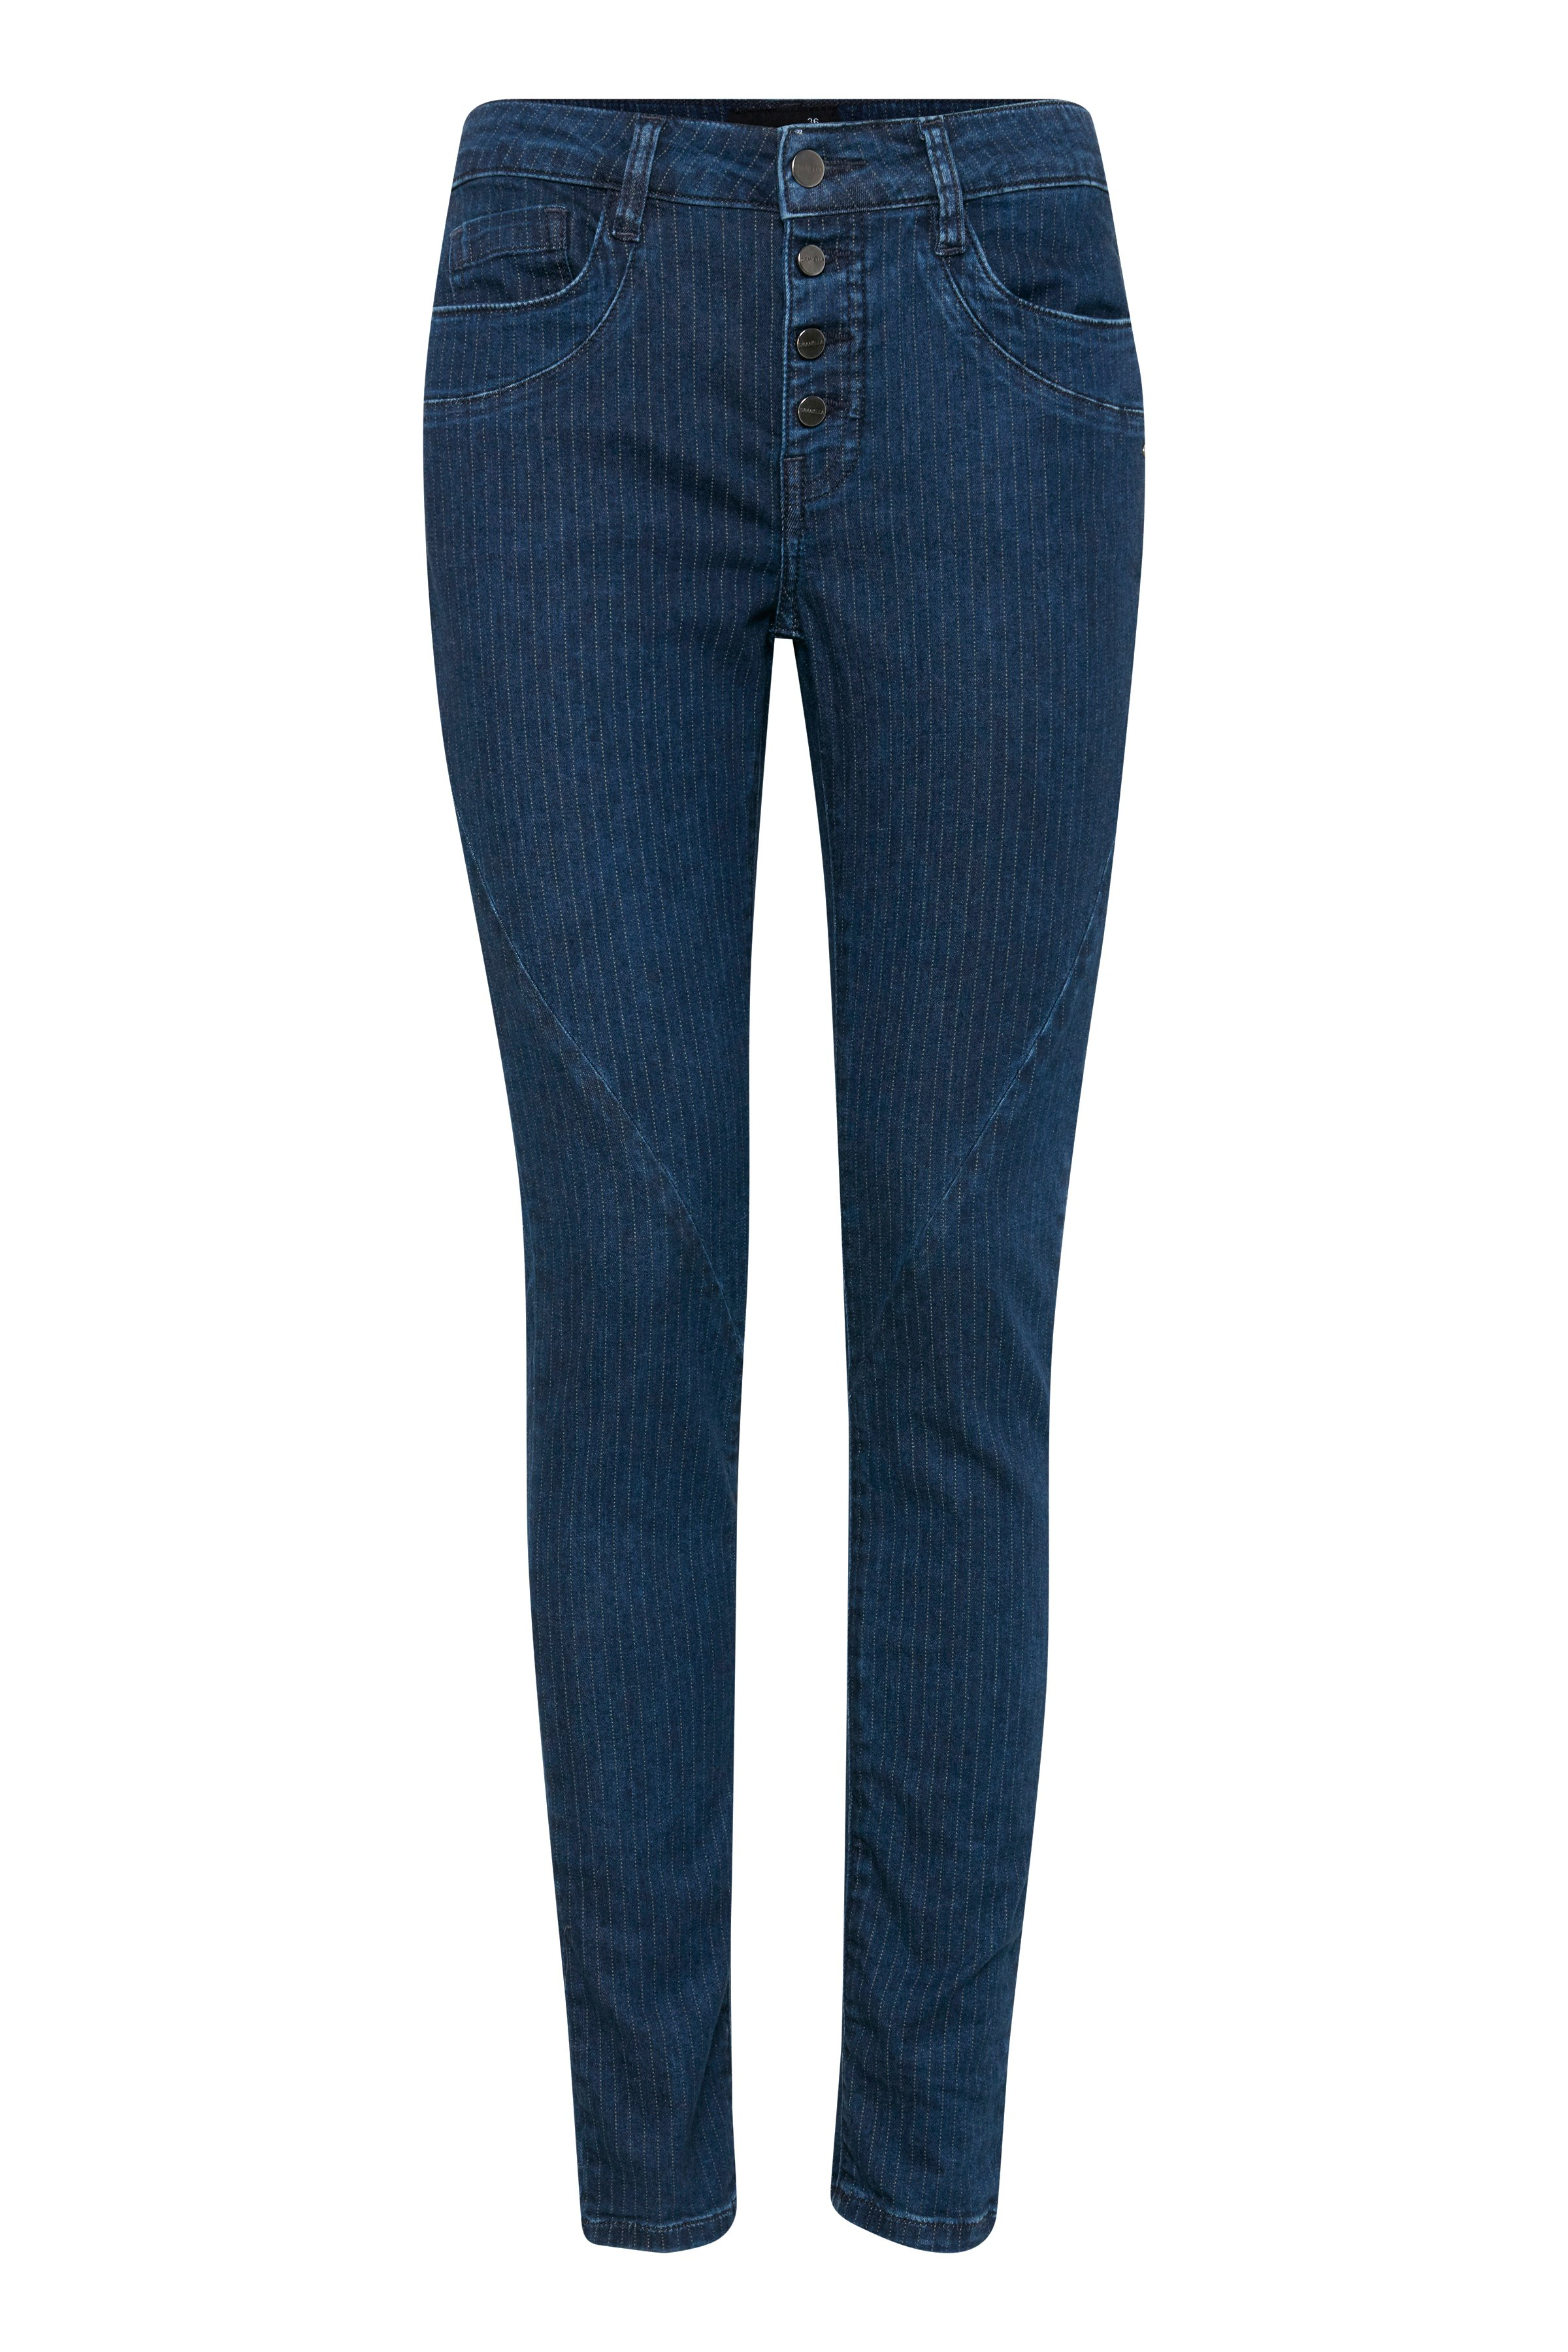 Dunkel denimblau/wollweiß Jeans von Dranella – Shoppen Sie Dunkel denimblau/wollweiß Jeans ab Gr. 32-46 hier